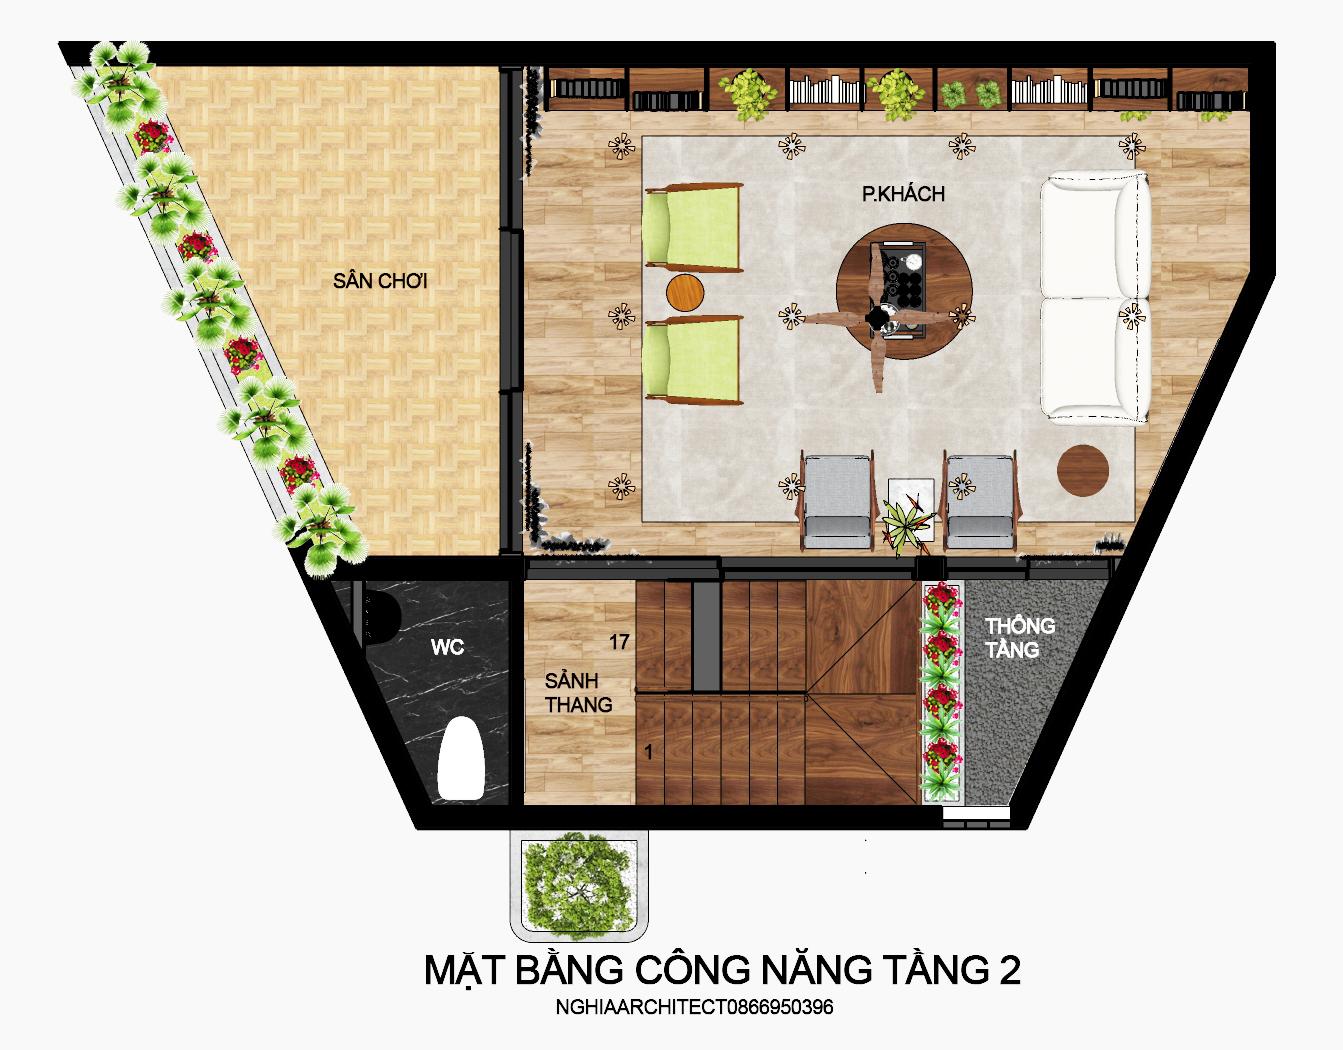 Thiết kế Nhà Mặt Phố tại Hà Nội nhà trắng 1604758177 8